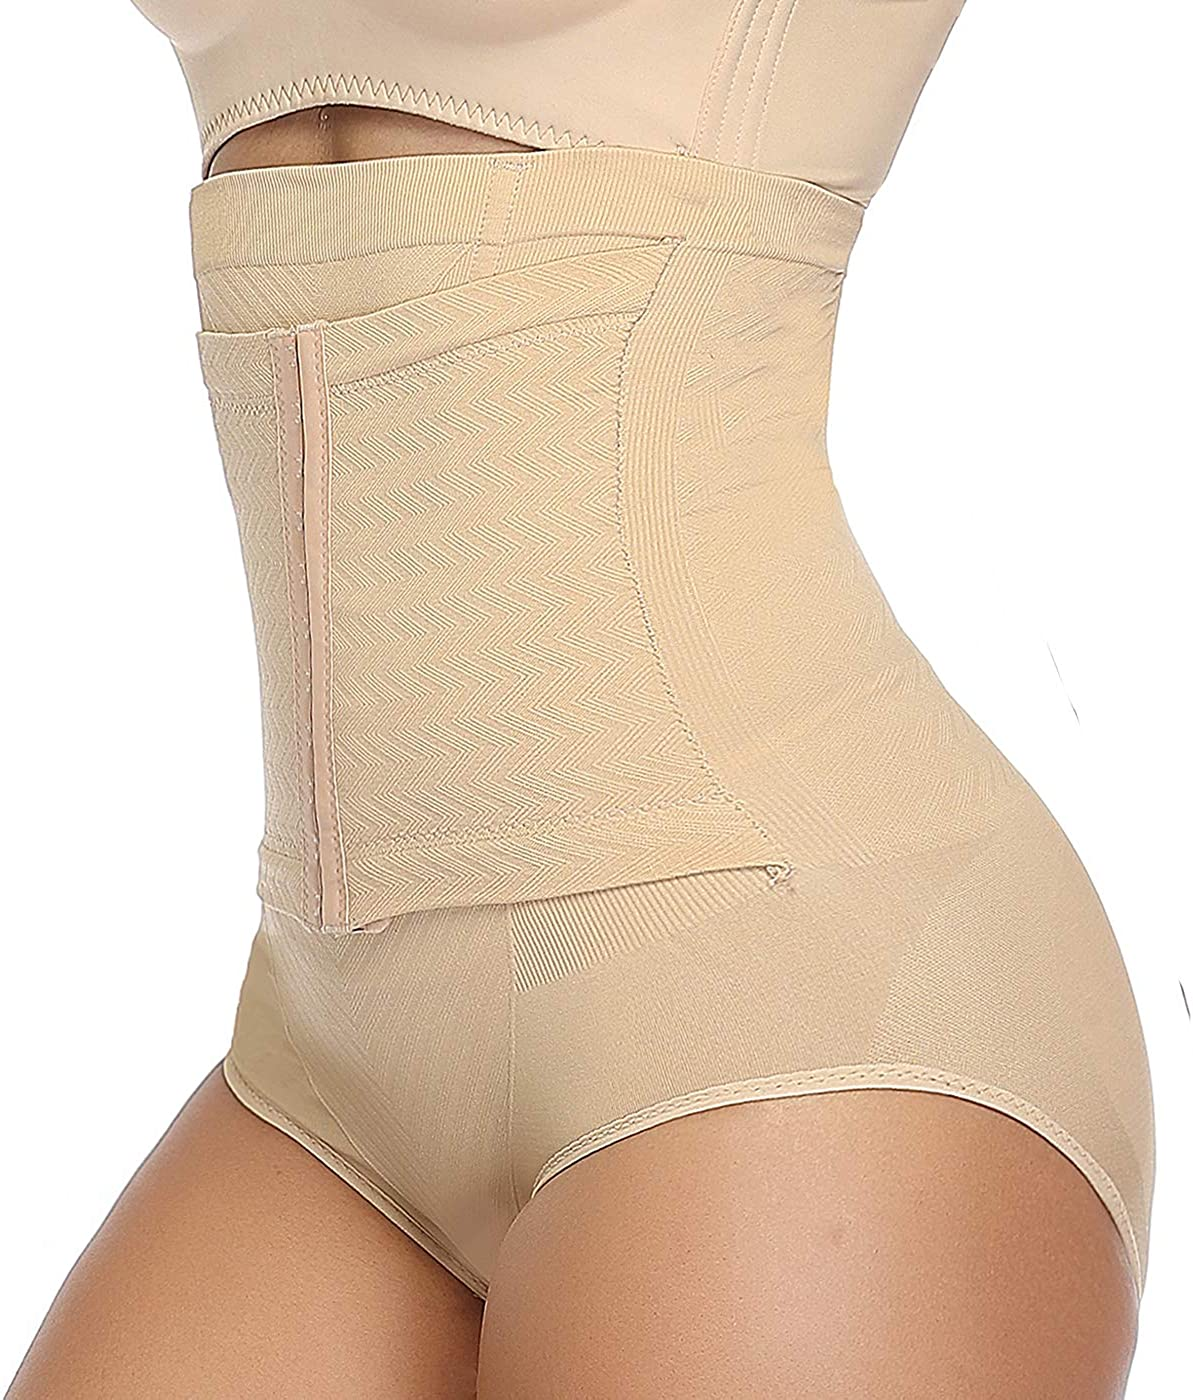 COMFREE Tummy Control Knickers Slimming Pants Shapewear Underwear for Women Black Beige